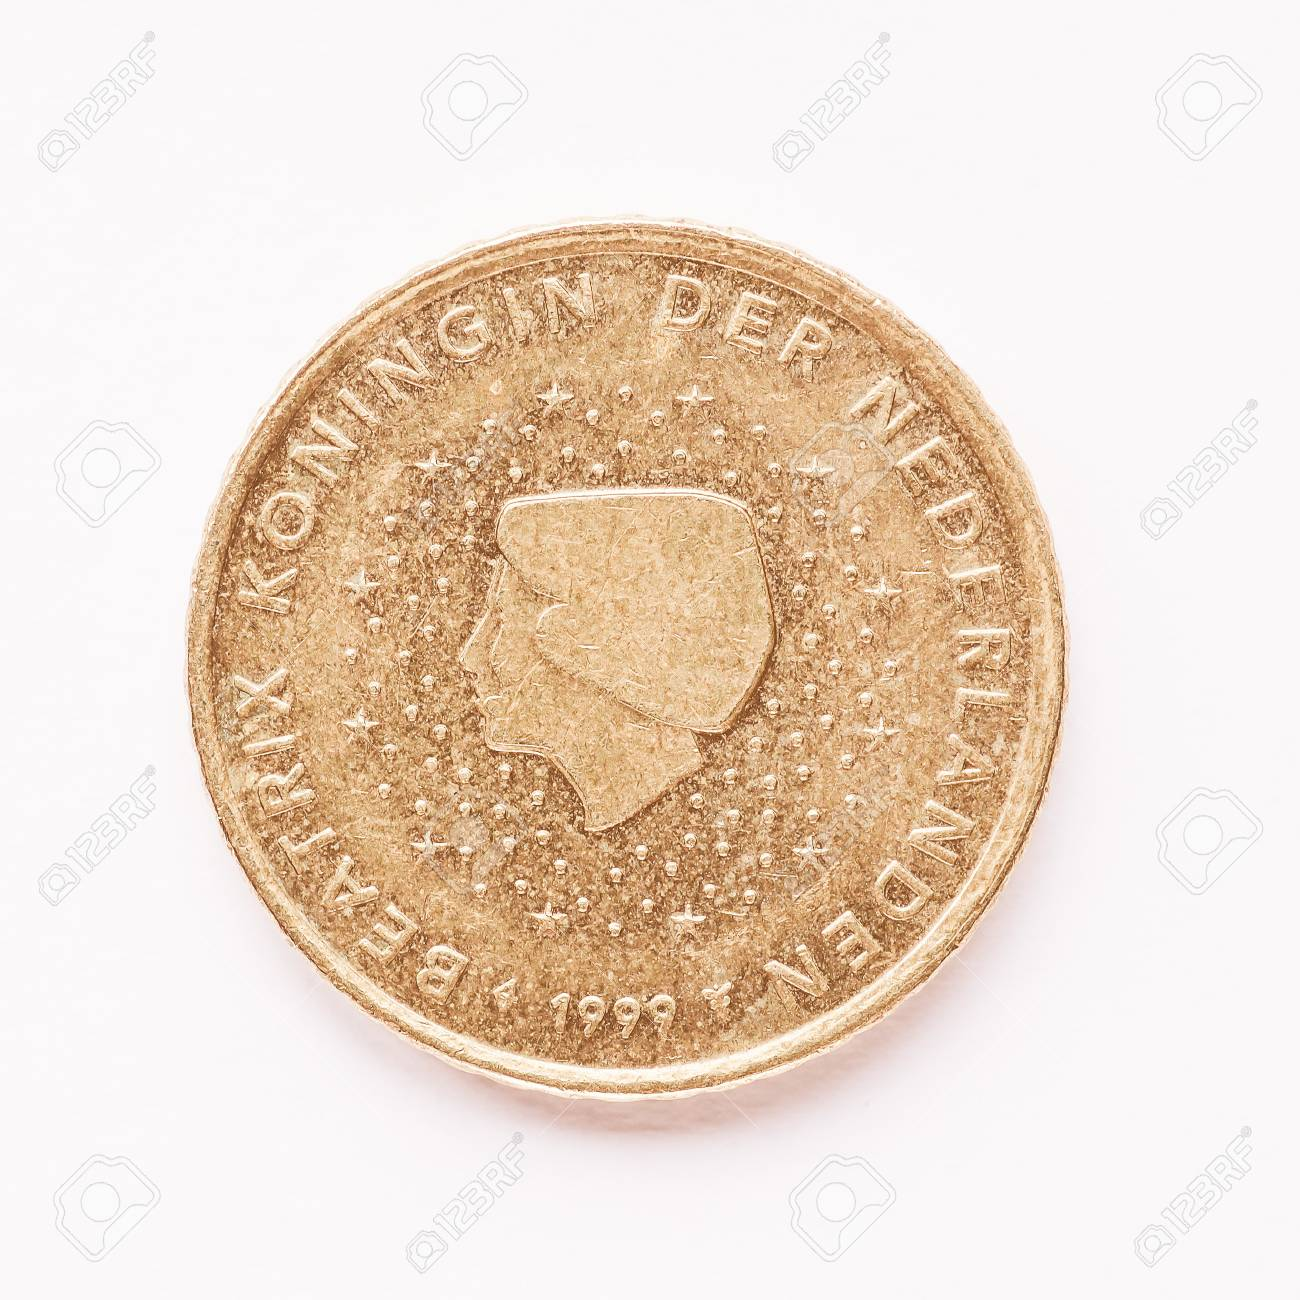 Währung Von Europa 50 Cent Münze Aus Den Niederlanden Jahrgang